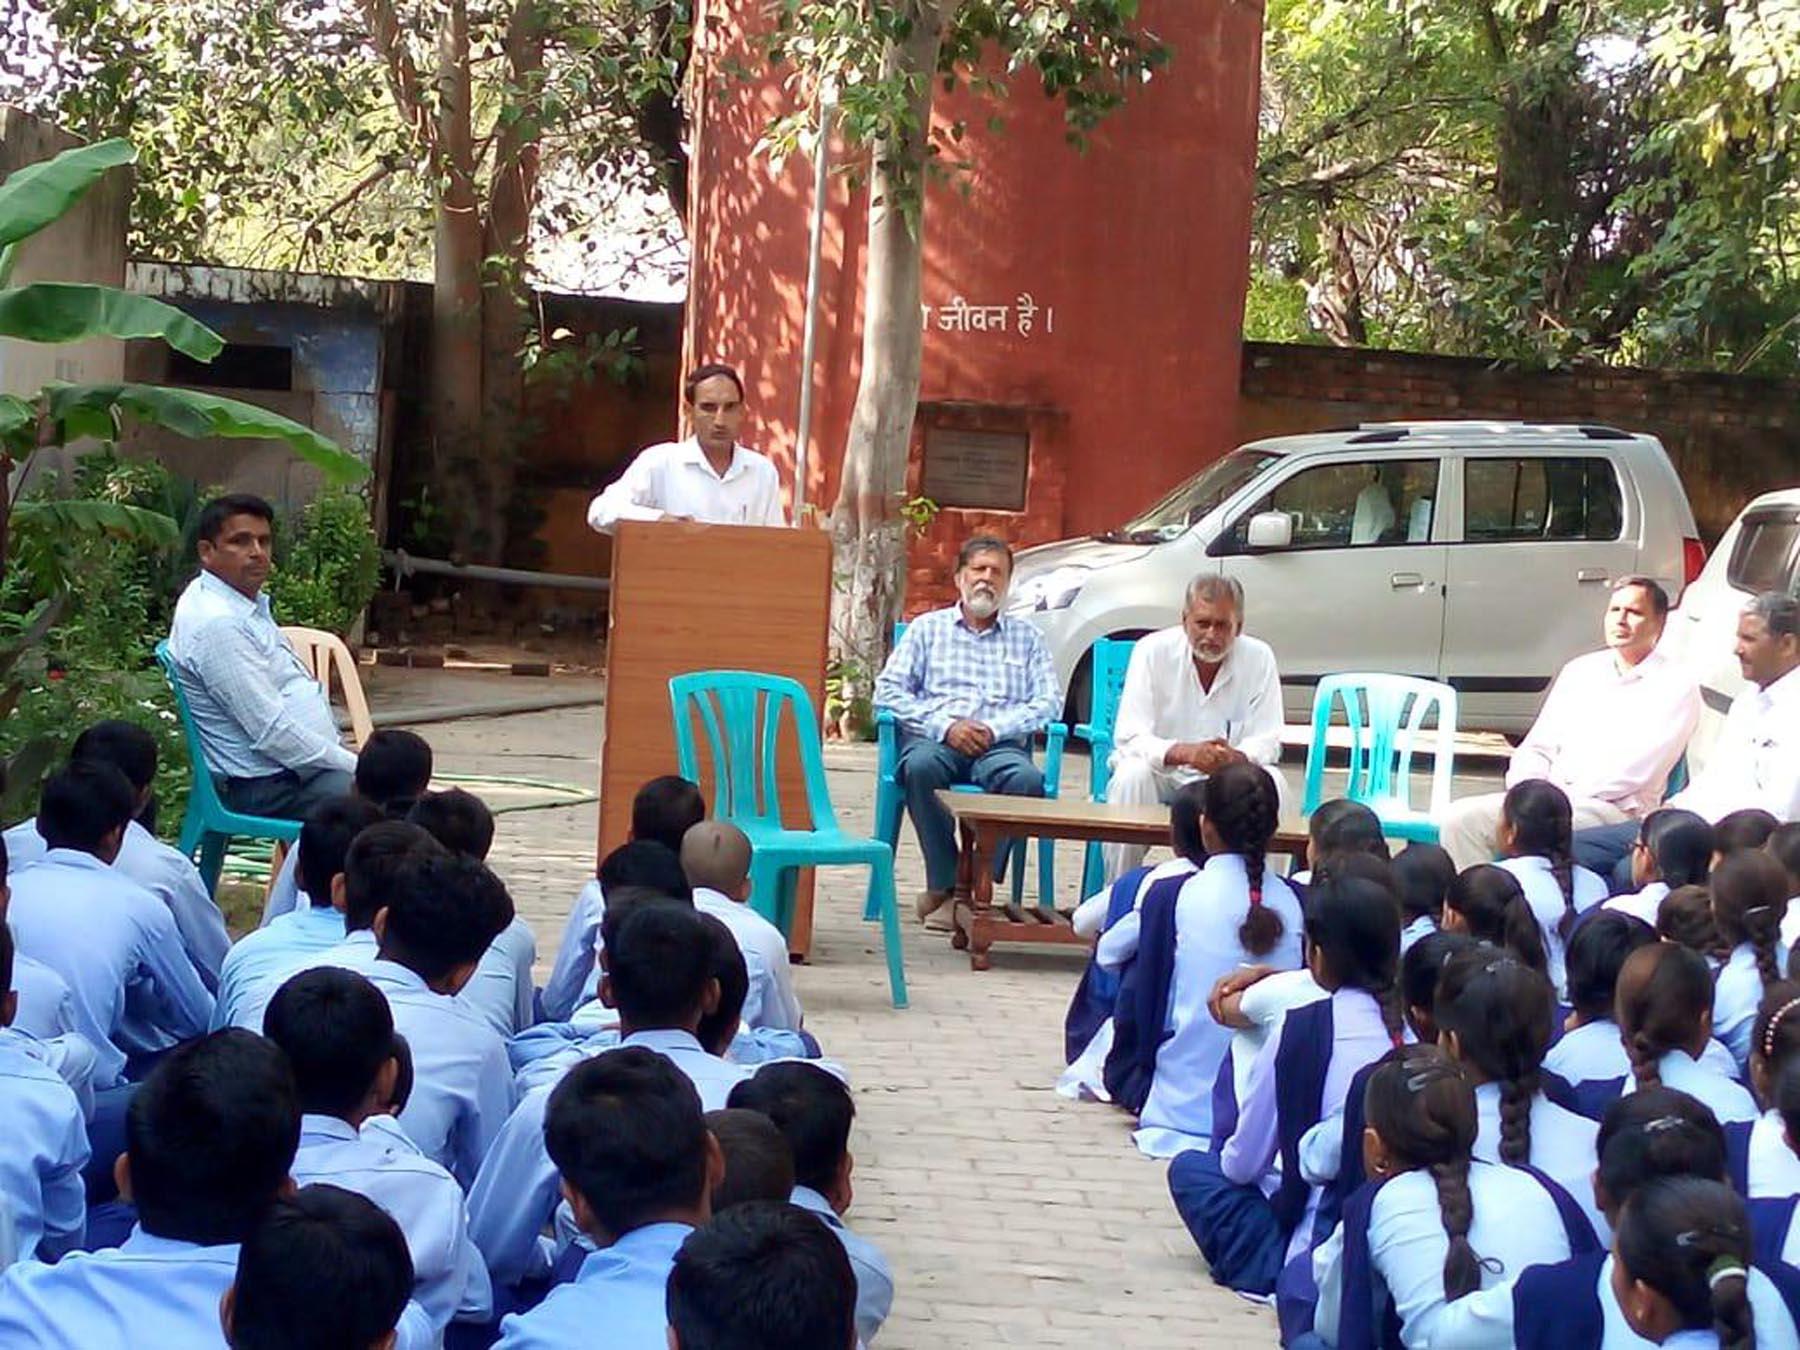 अच्छा स्वास्थ्य जीवन का आधार है: अनिल कुमार